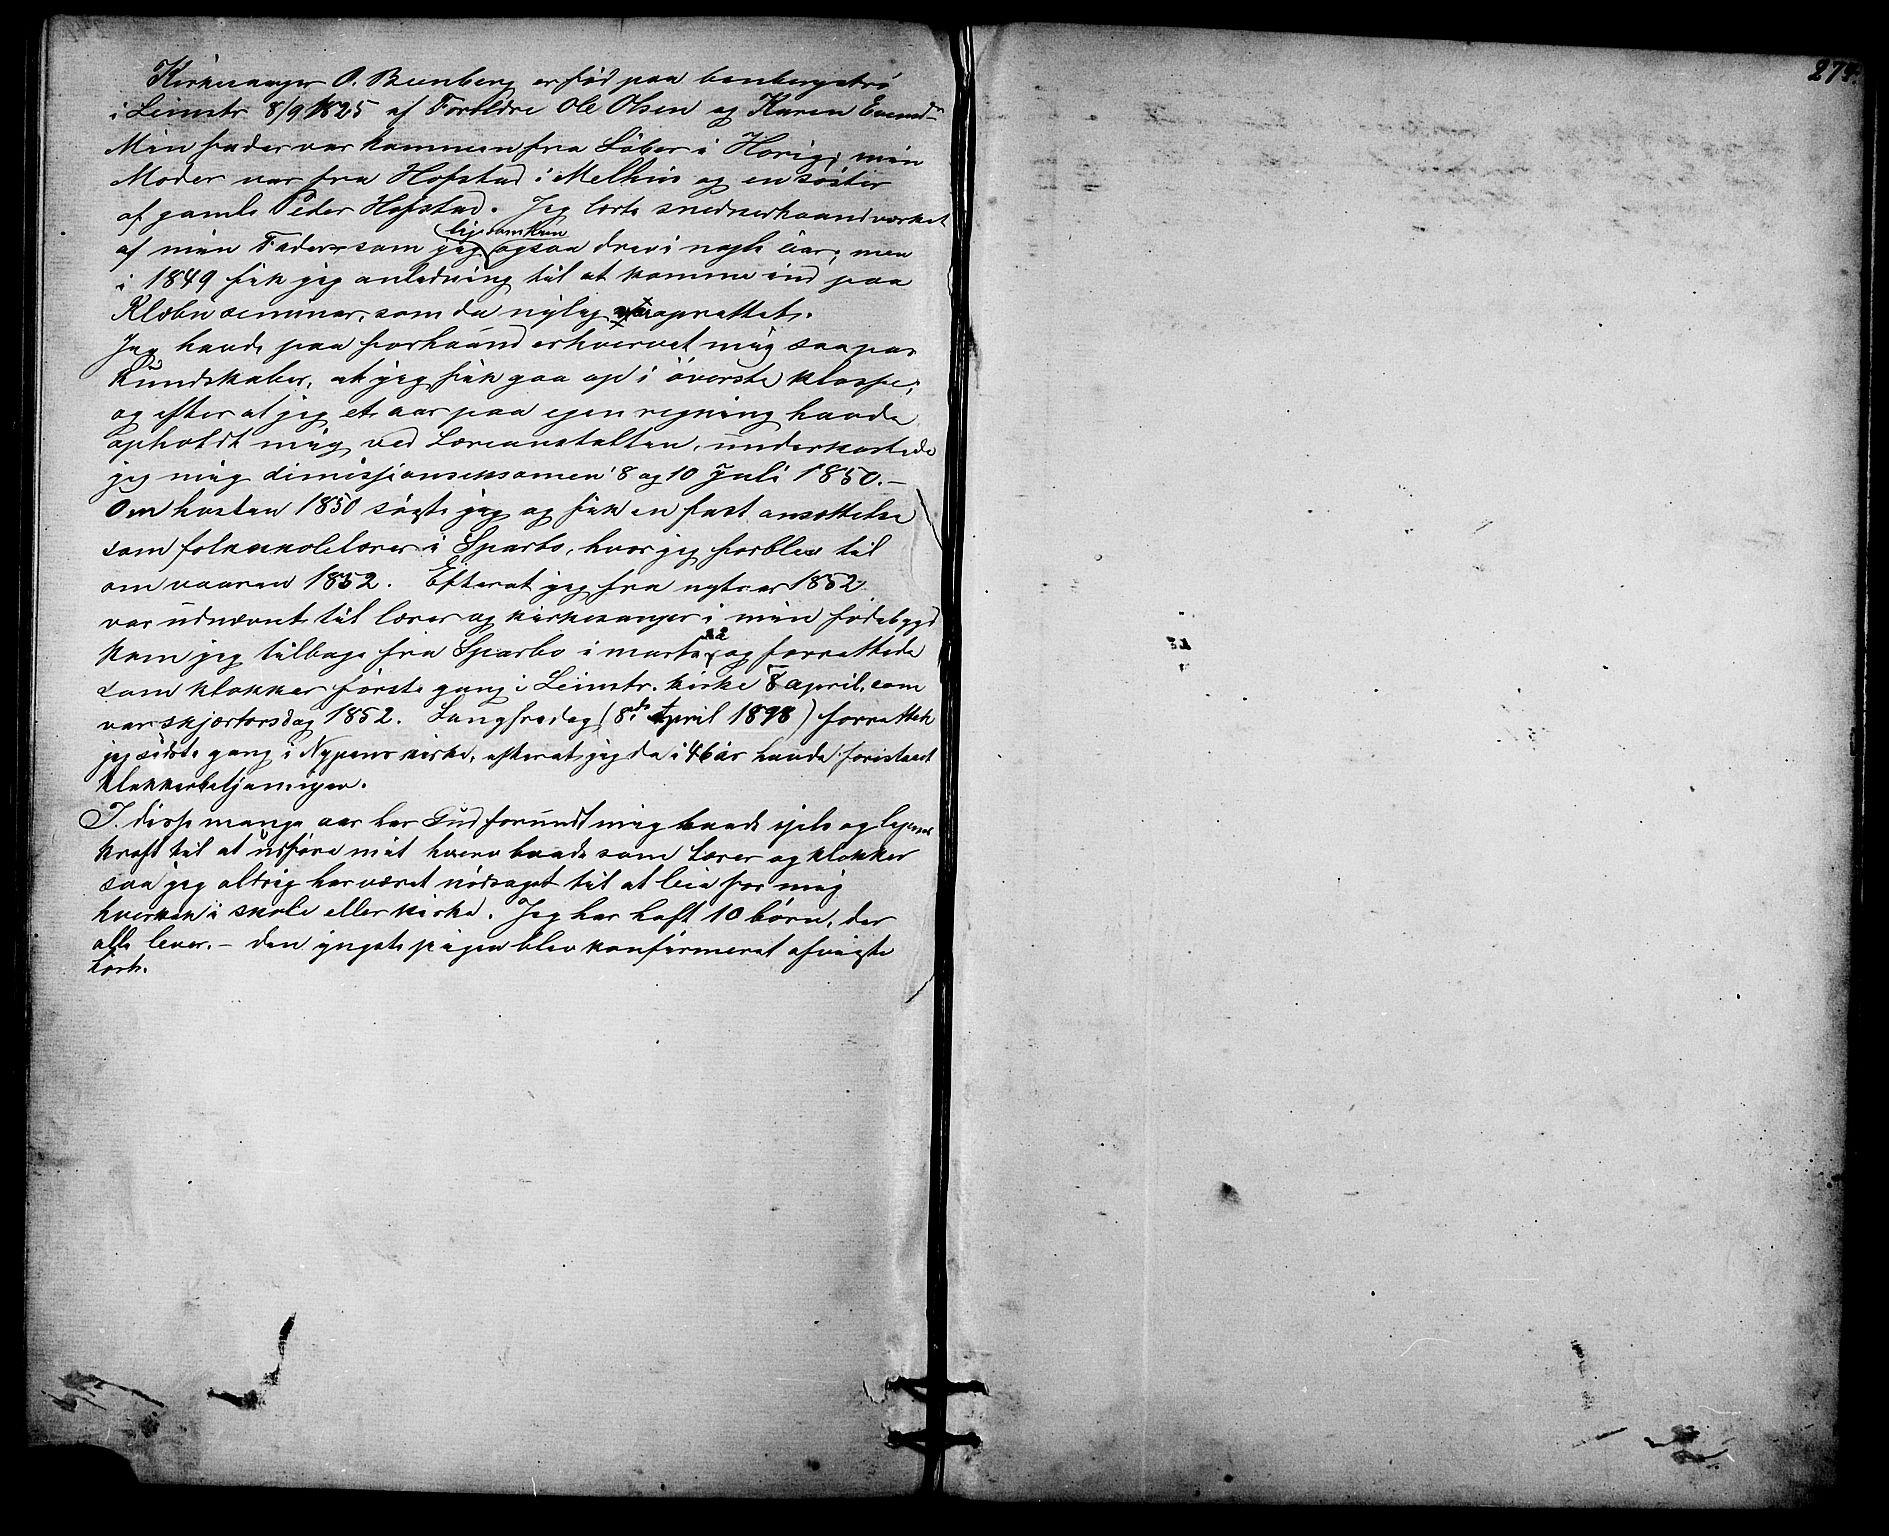 SAT, Ministerialprotokoller, klokkerbøker og fødselsregistre - Sør-Trøndelag, 613/L0395: Klokkerbok nr. 613C03, 1887-1909, s. 274